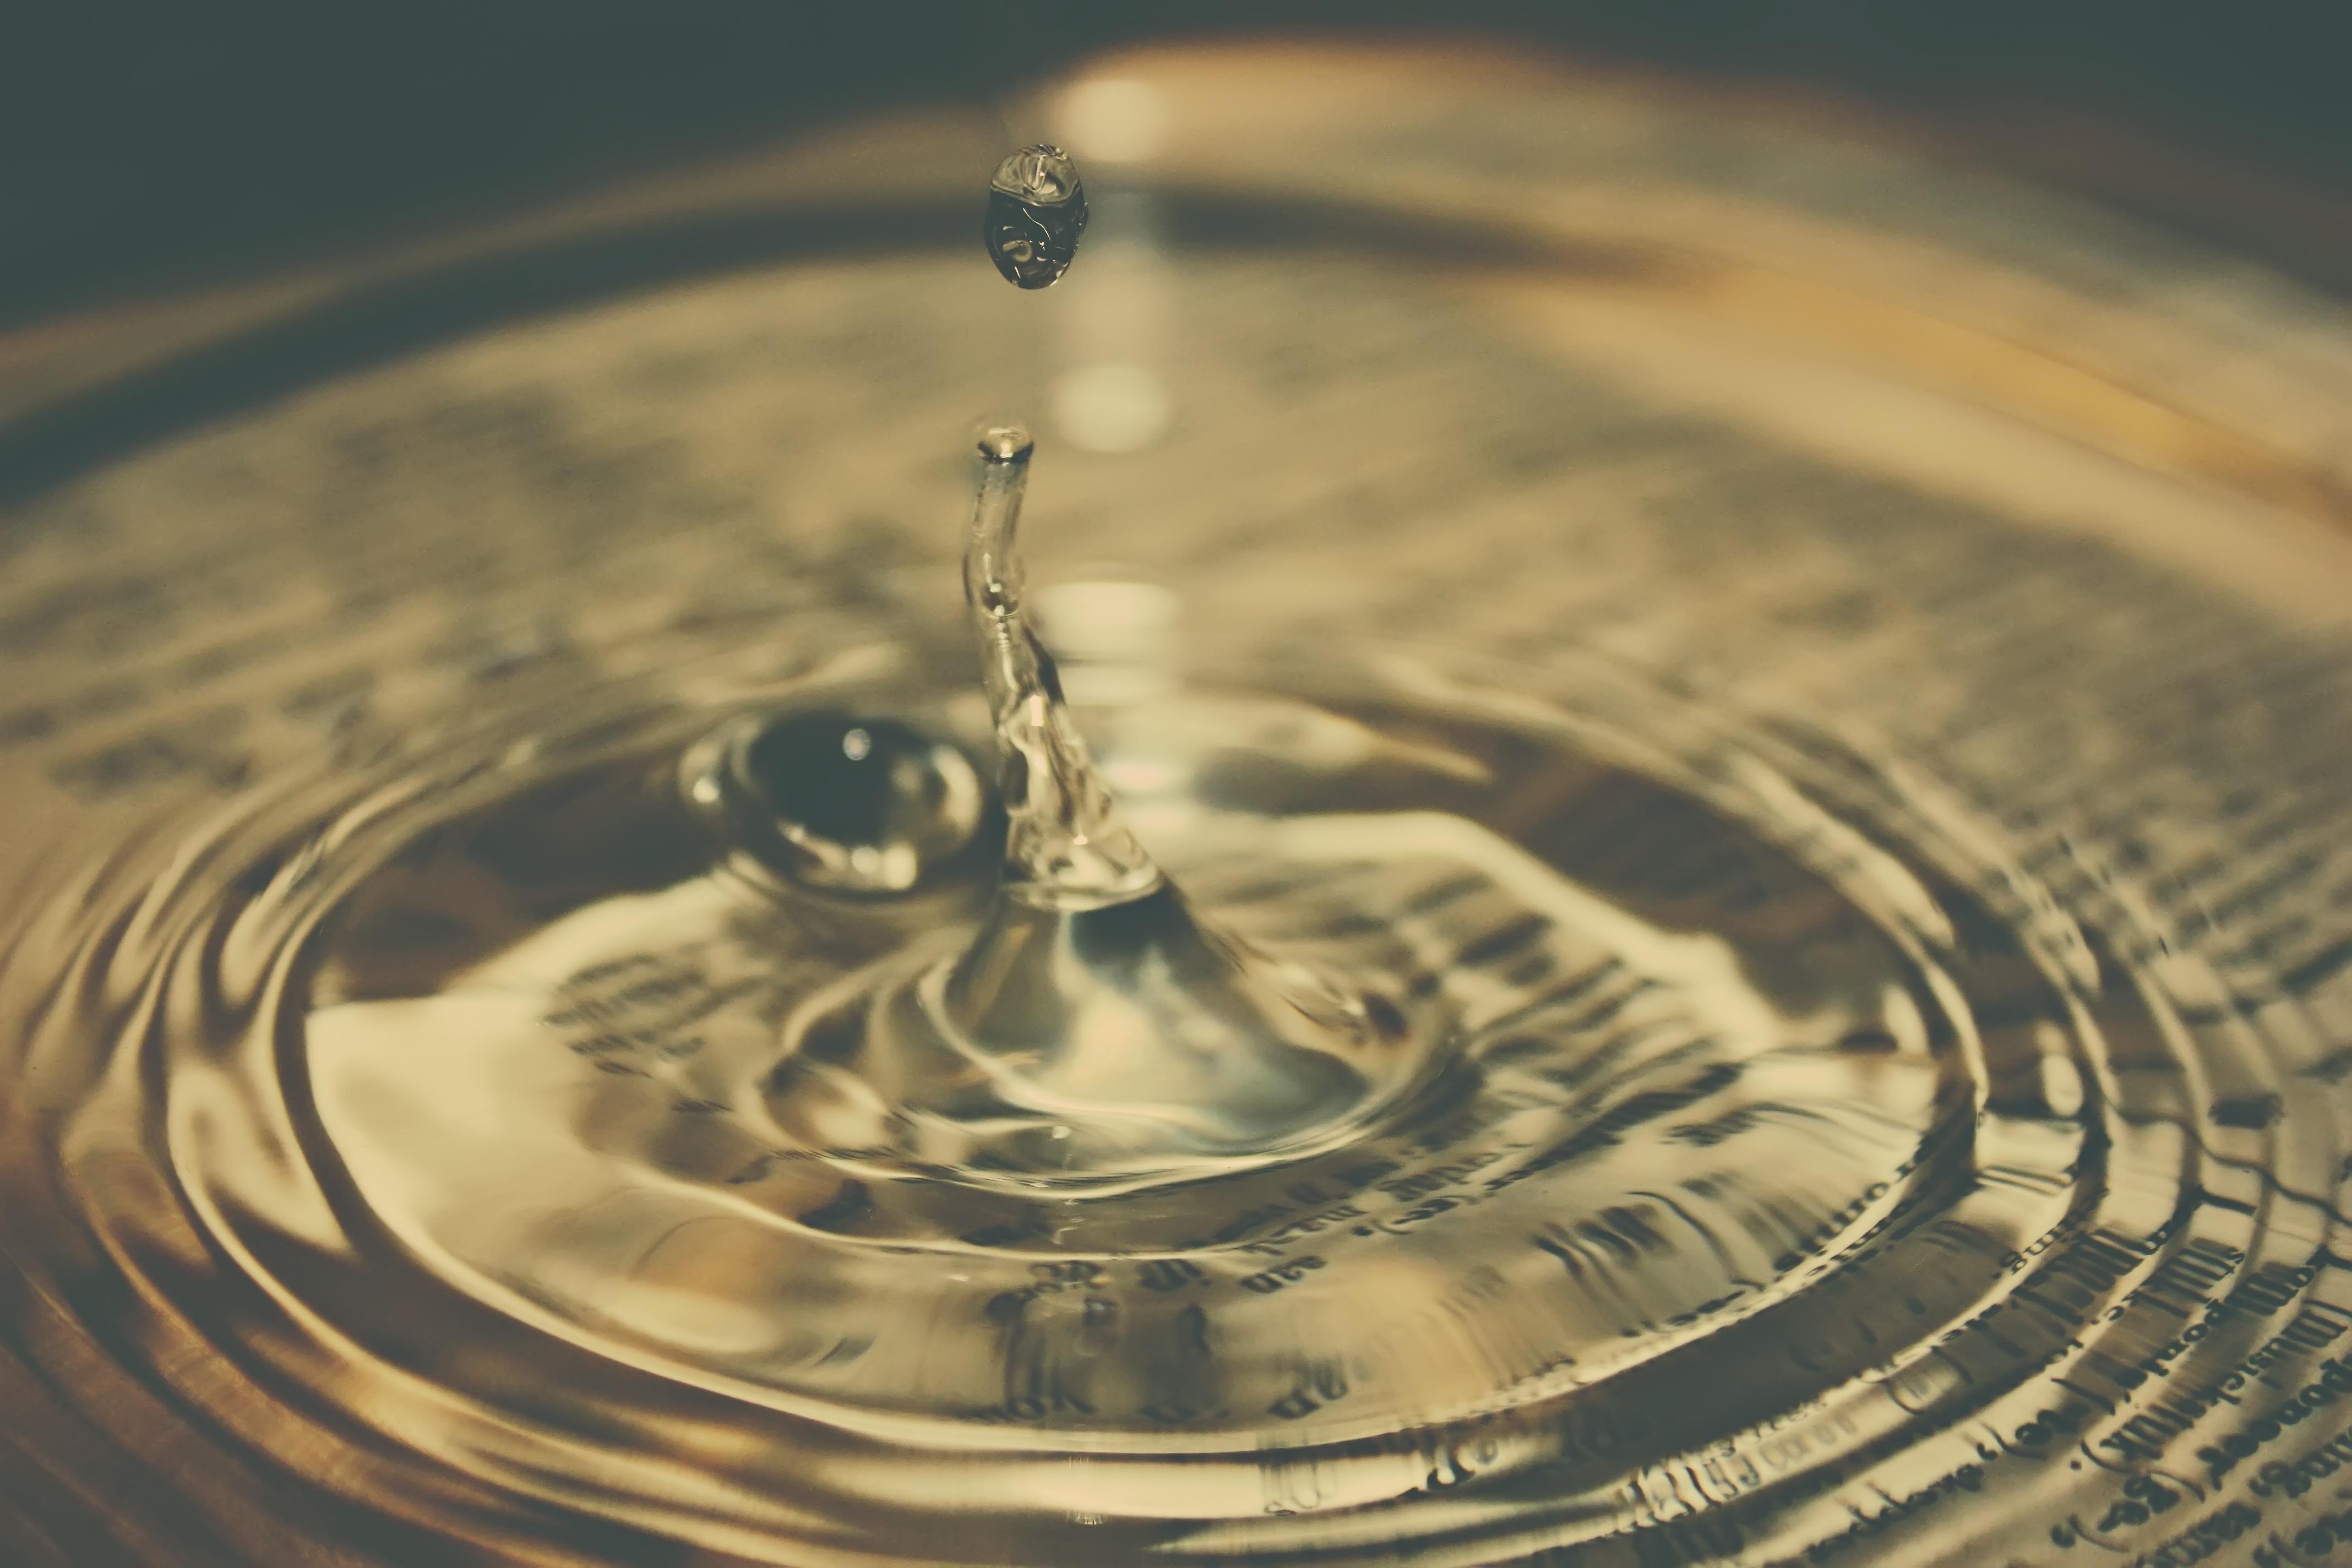 Gambar Alam Titis Kecil Penurunan Cair Tetesan Air Daun Kaca